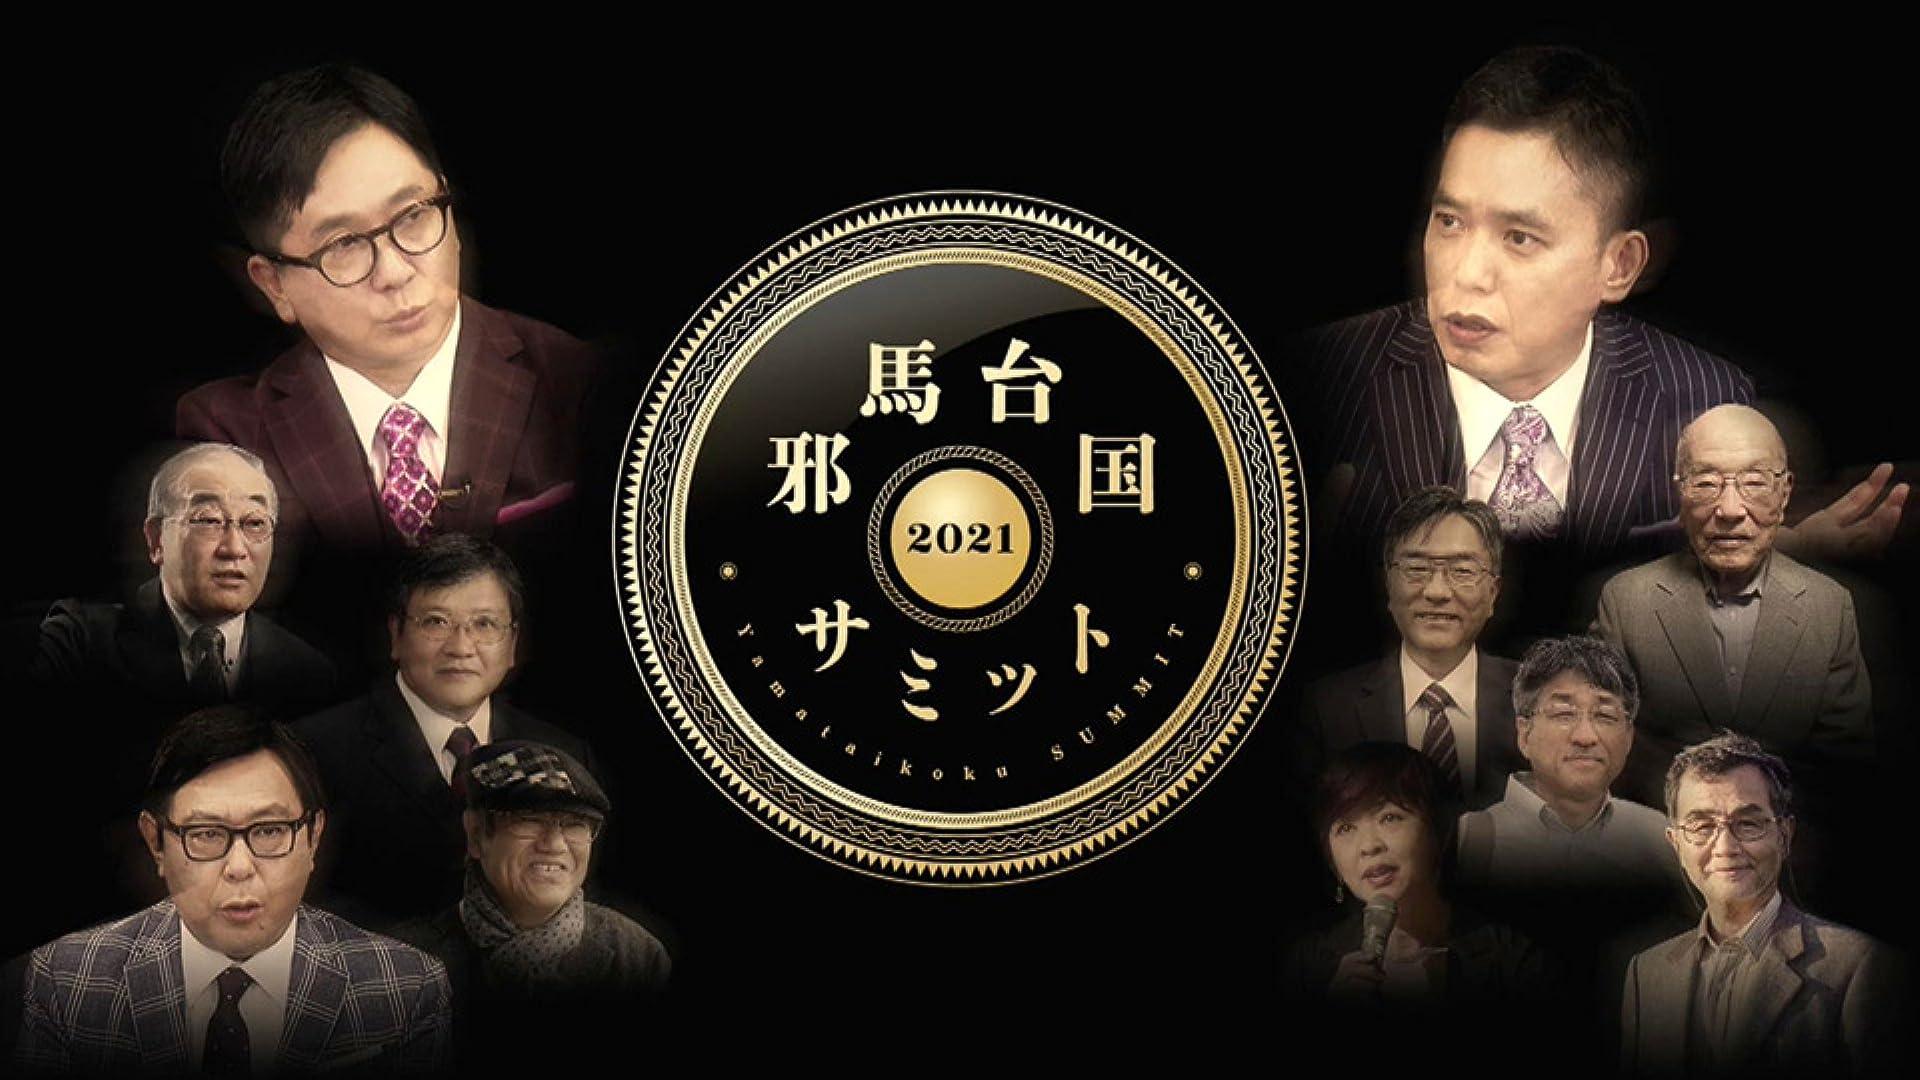 邪馬台国サミット2021(NHKオンデマンド)